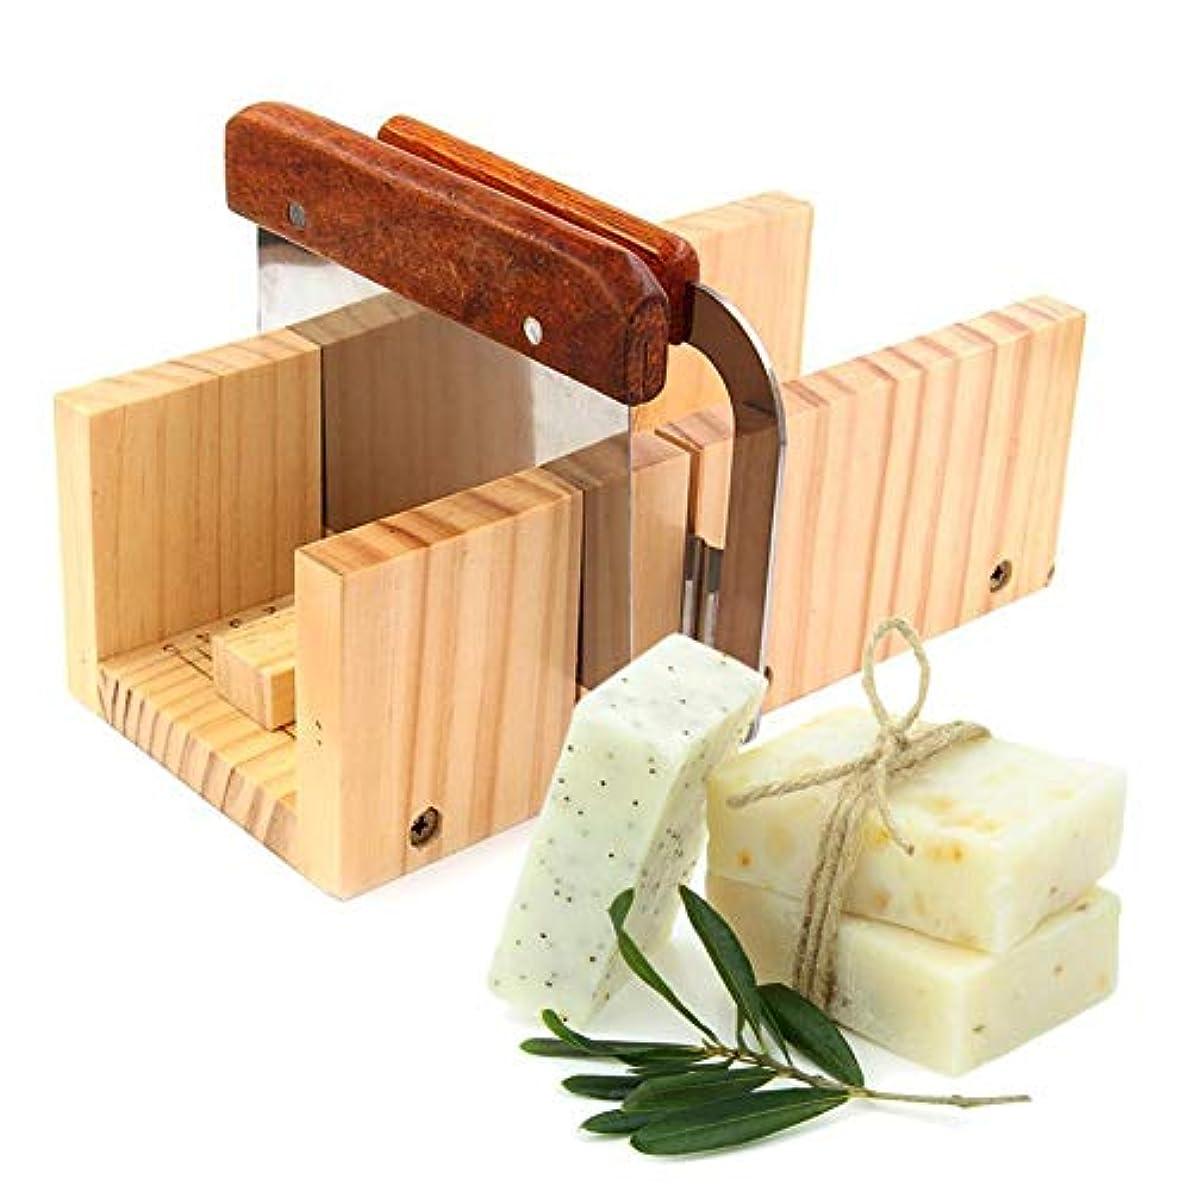 わざわざラボ一目Ragem ソープカッター 手作り石鹸金型 木製 ローフカッターボックス 調整可能 多機能ソープ切削工具 ストレートプレーニングツール